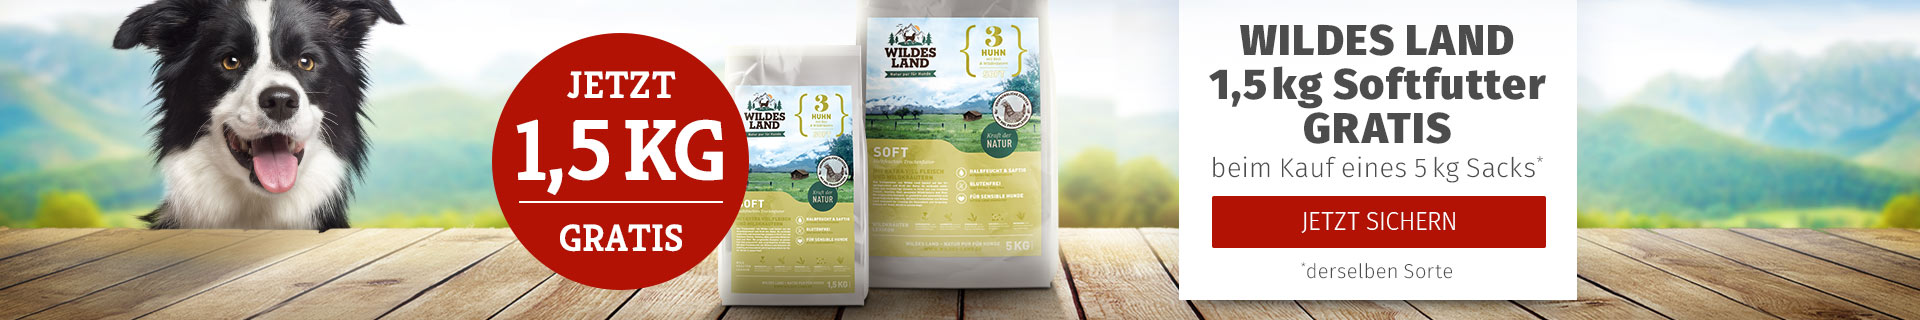 Wildes Land Hund - 5kg Softfutter Sack kaufen + 1,5kg derselben Sorte gratis